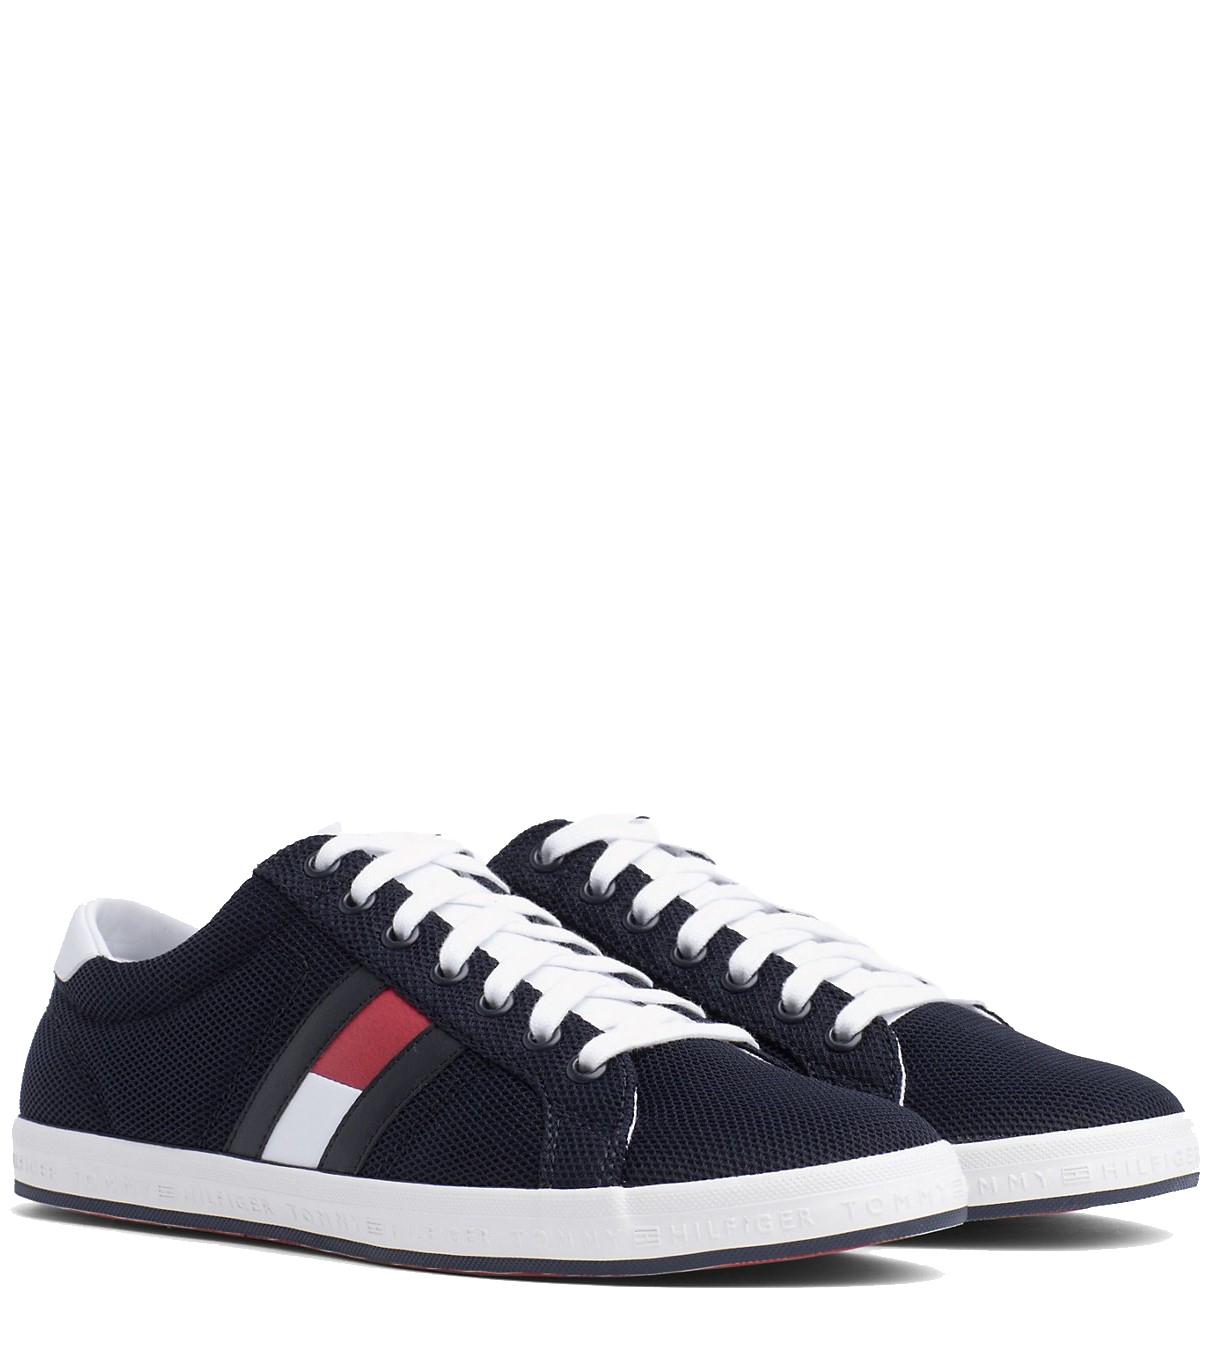 Tommy Hilfiger modré pánske tenisky Essential Flag Detail Sneaker Midnight. Tommy  Hilfiger modré ... 28b7397df7c